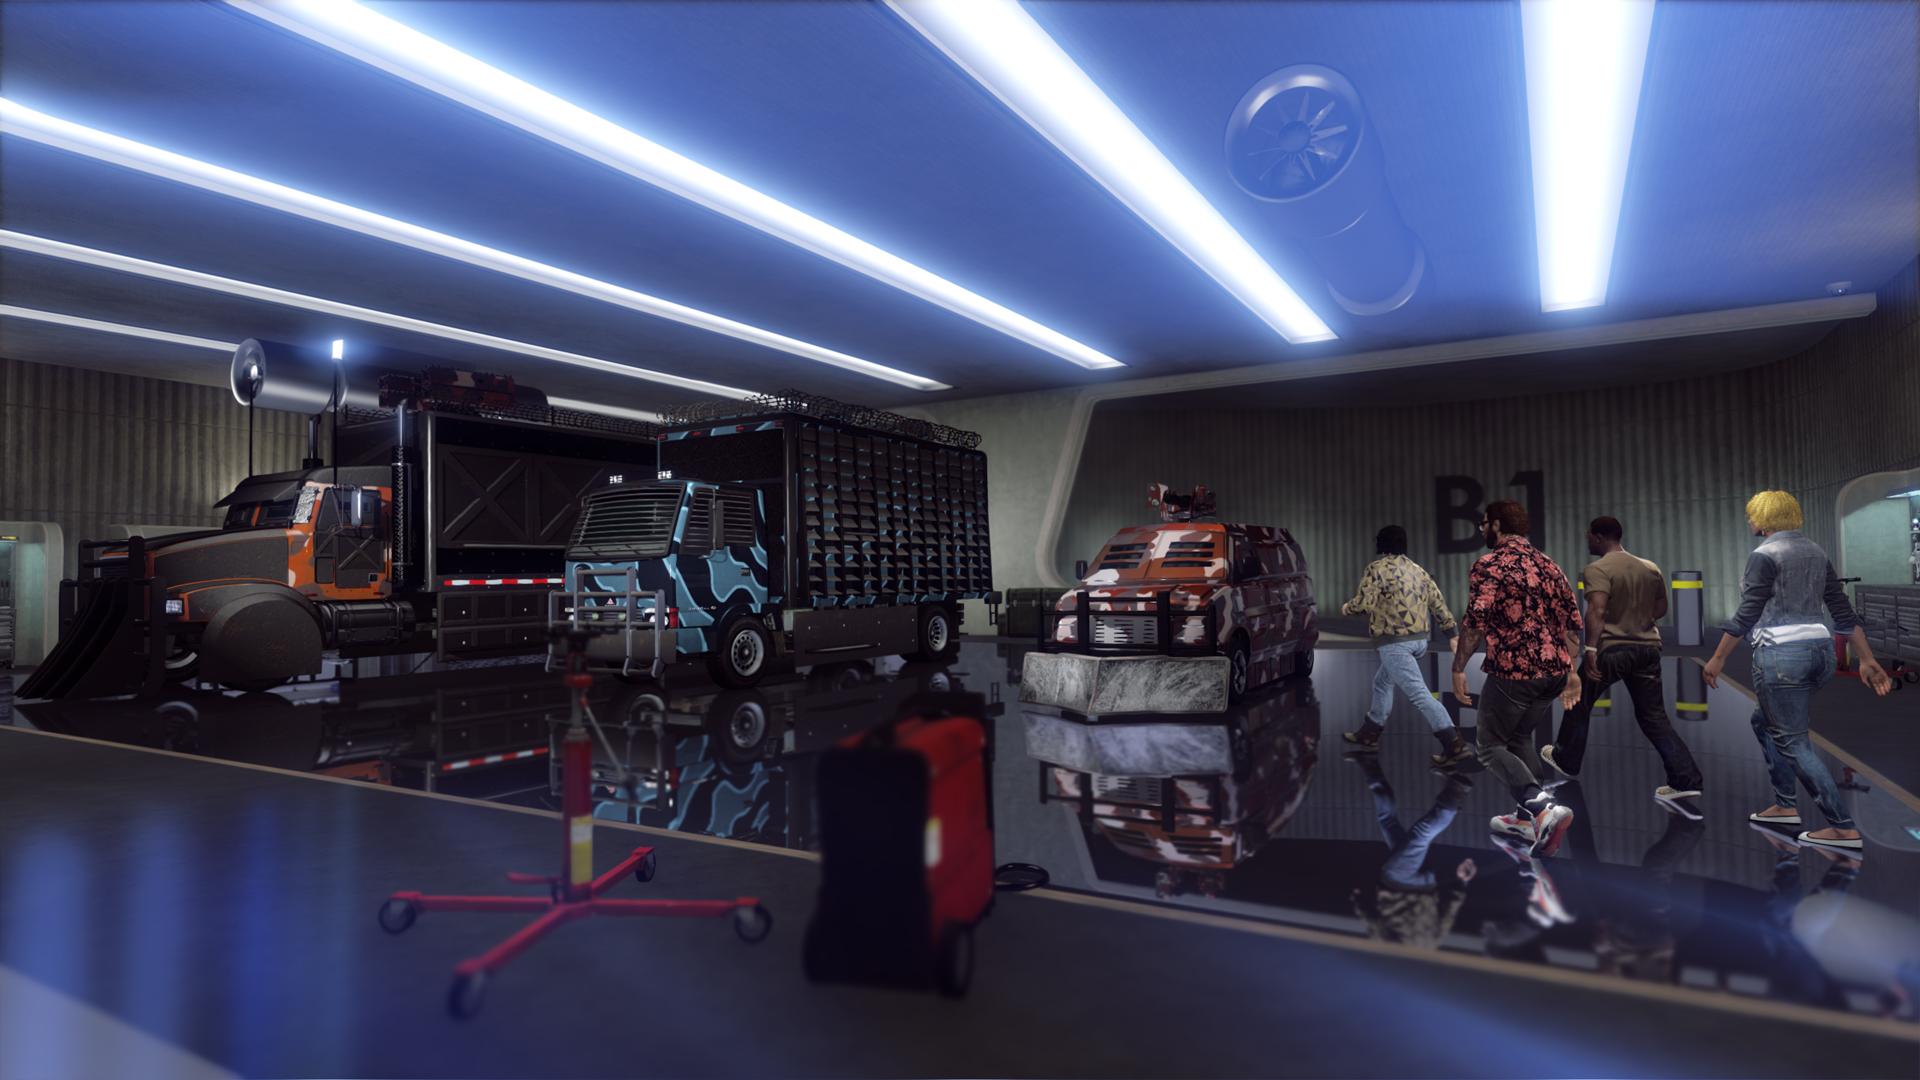 Garage boite de nuit nuits blanches marché noir GTAO.jpg